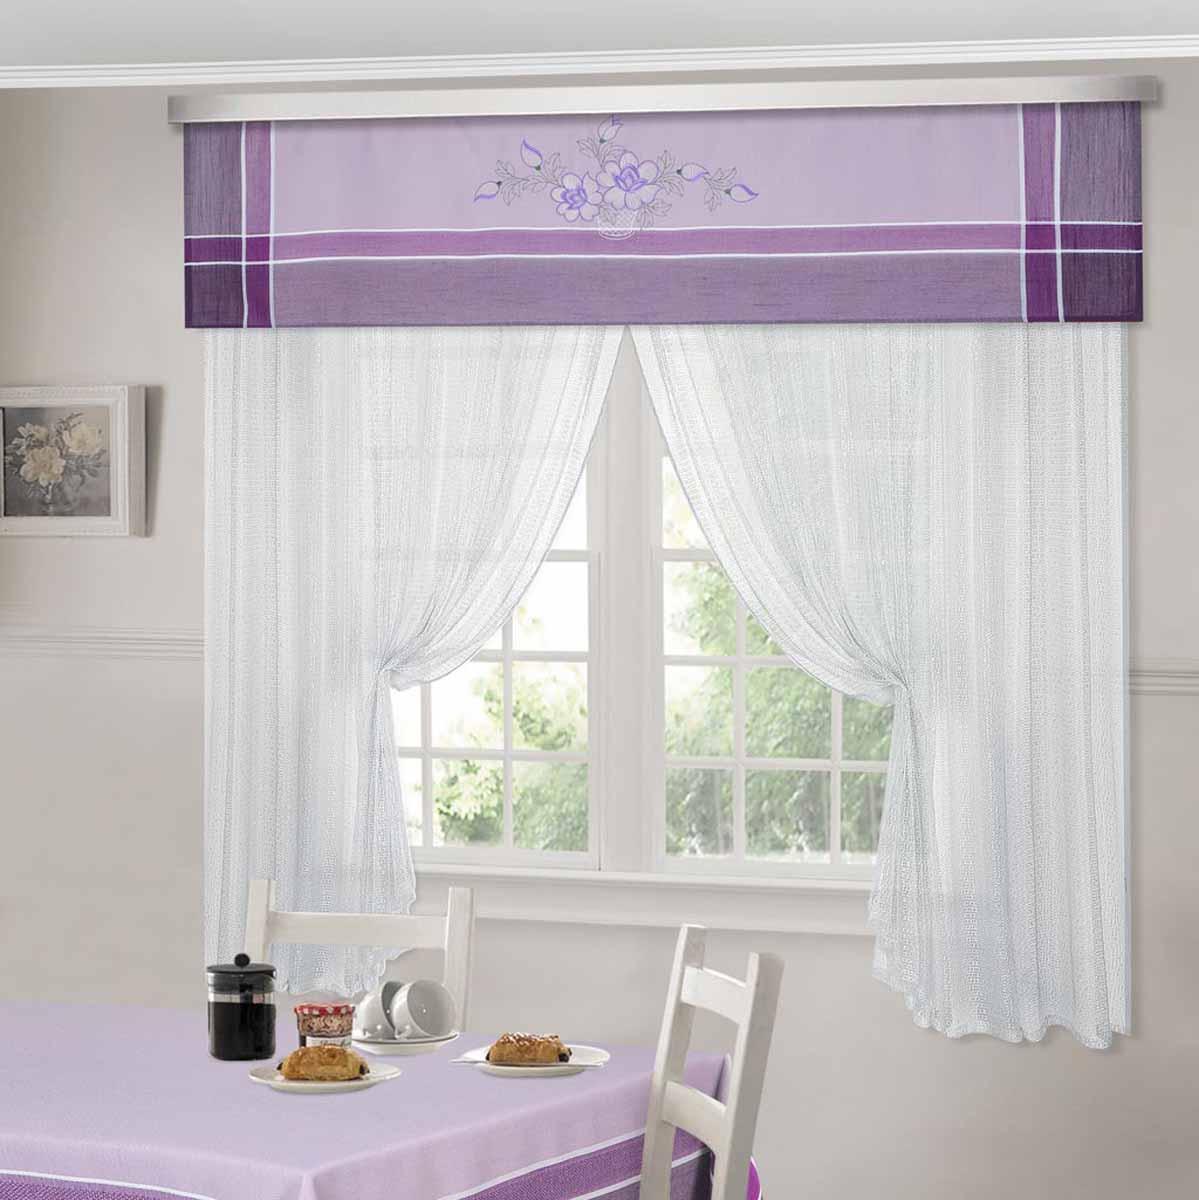 Комплект штор ТД Текстиль Шик, на ленте, цвет: сиреневый, высота 180 см. 92525GC220/05Шторы выполнены из искусственной ткани под лен. Цвета в ассортименте. В наличии присутствуют скатерти из этой же ткани в двух размерах.